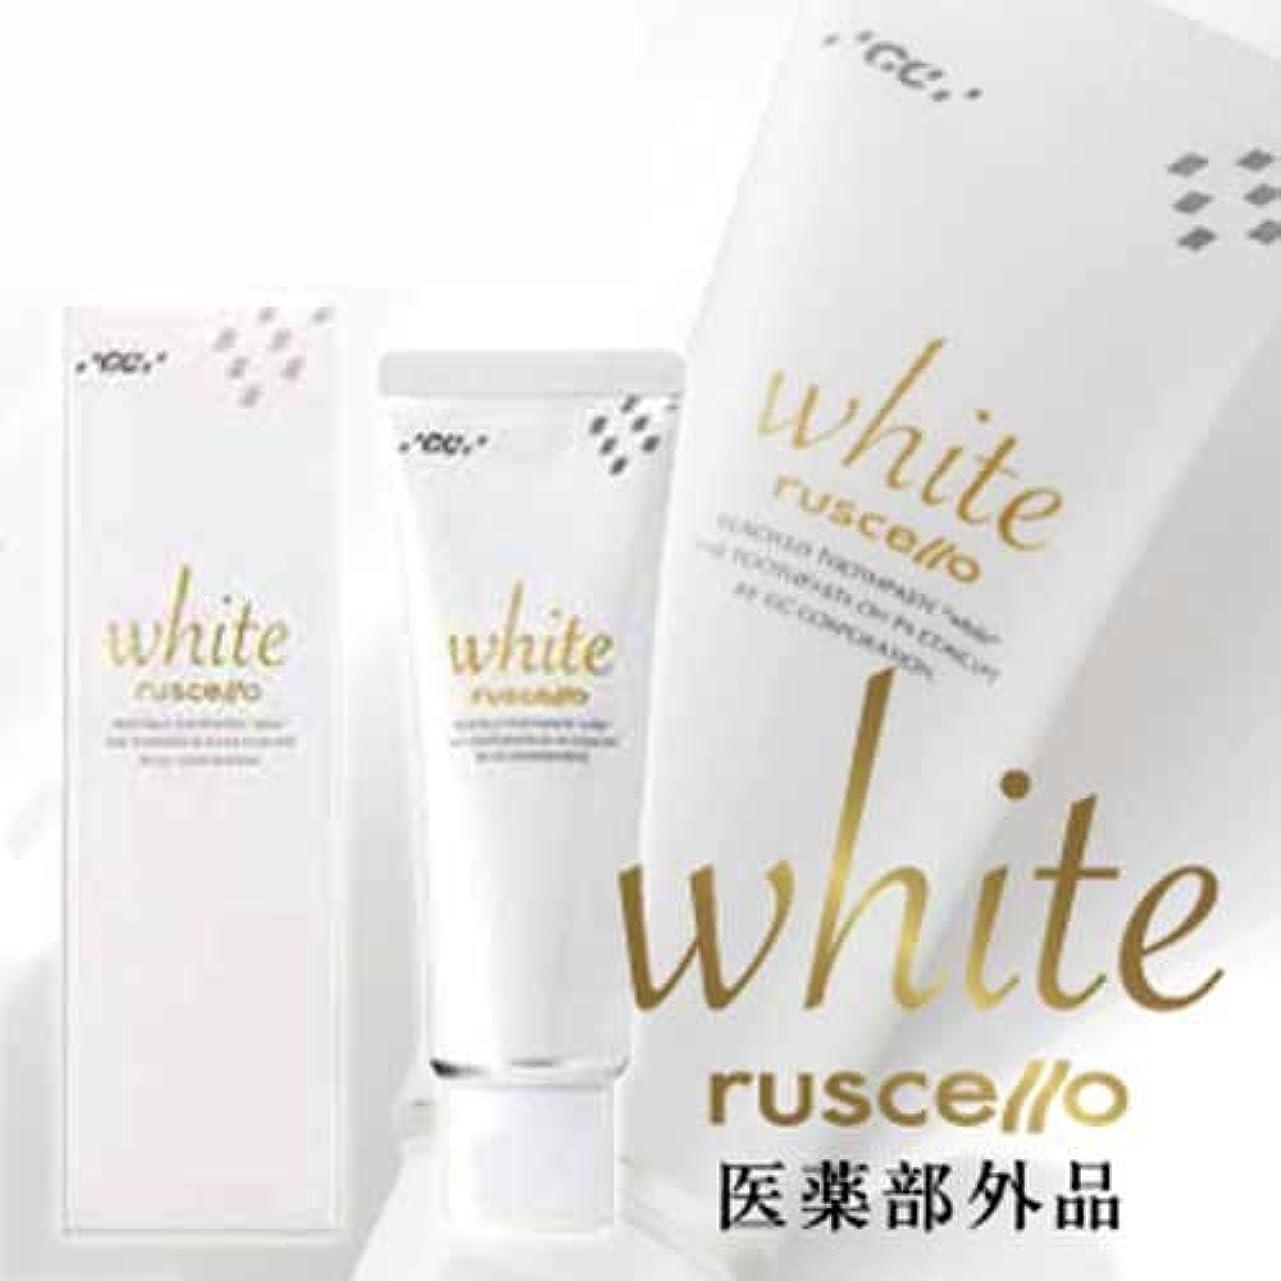 悪因子藤色小麦GC ルシェロ歯磨きペースト ホワイト100g